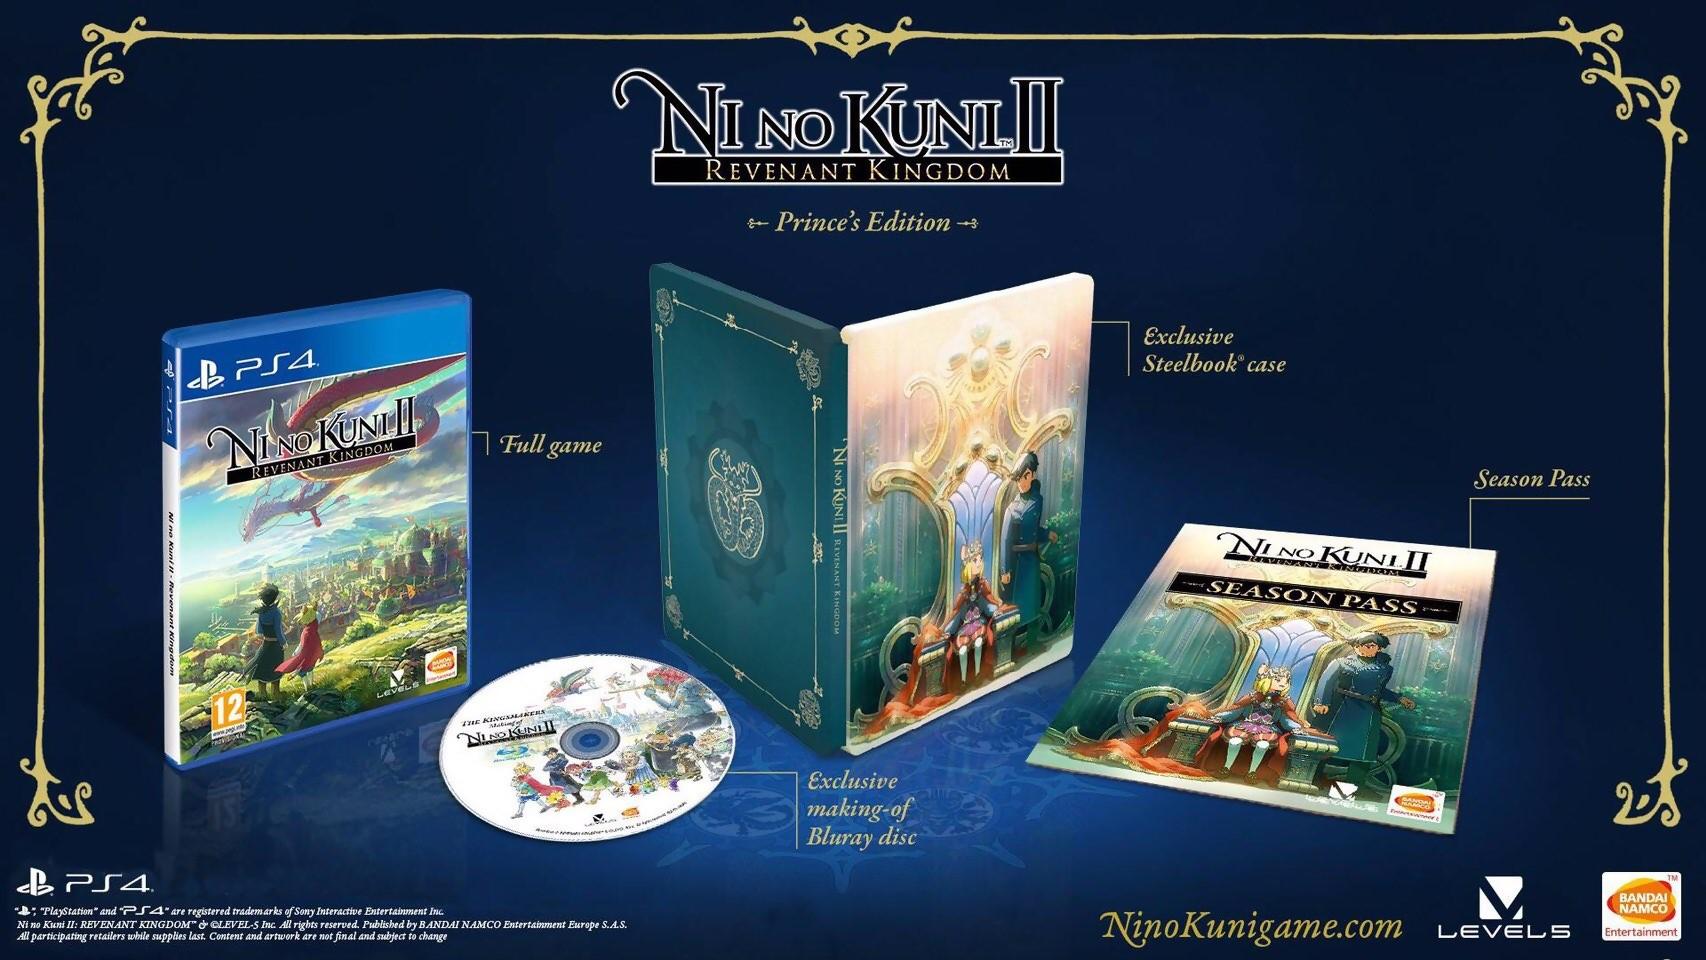 Ni no kuni II : L'Avènement d'un nouveau royaume - Édition Prince sur PS4